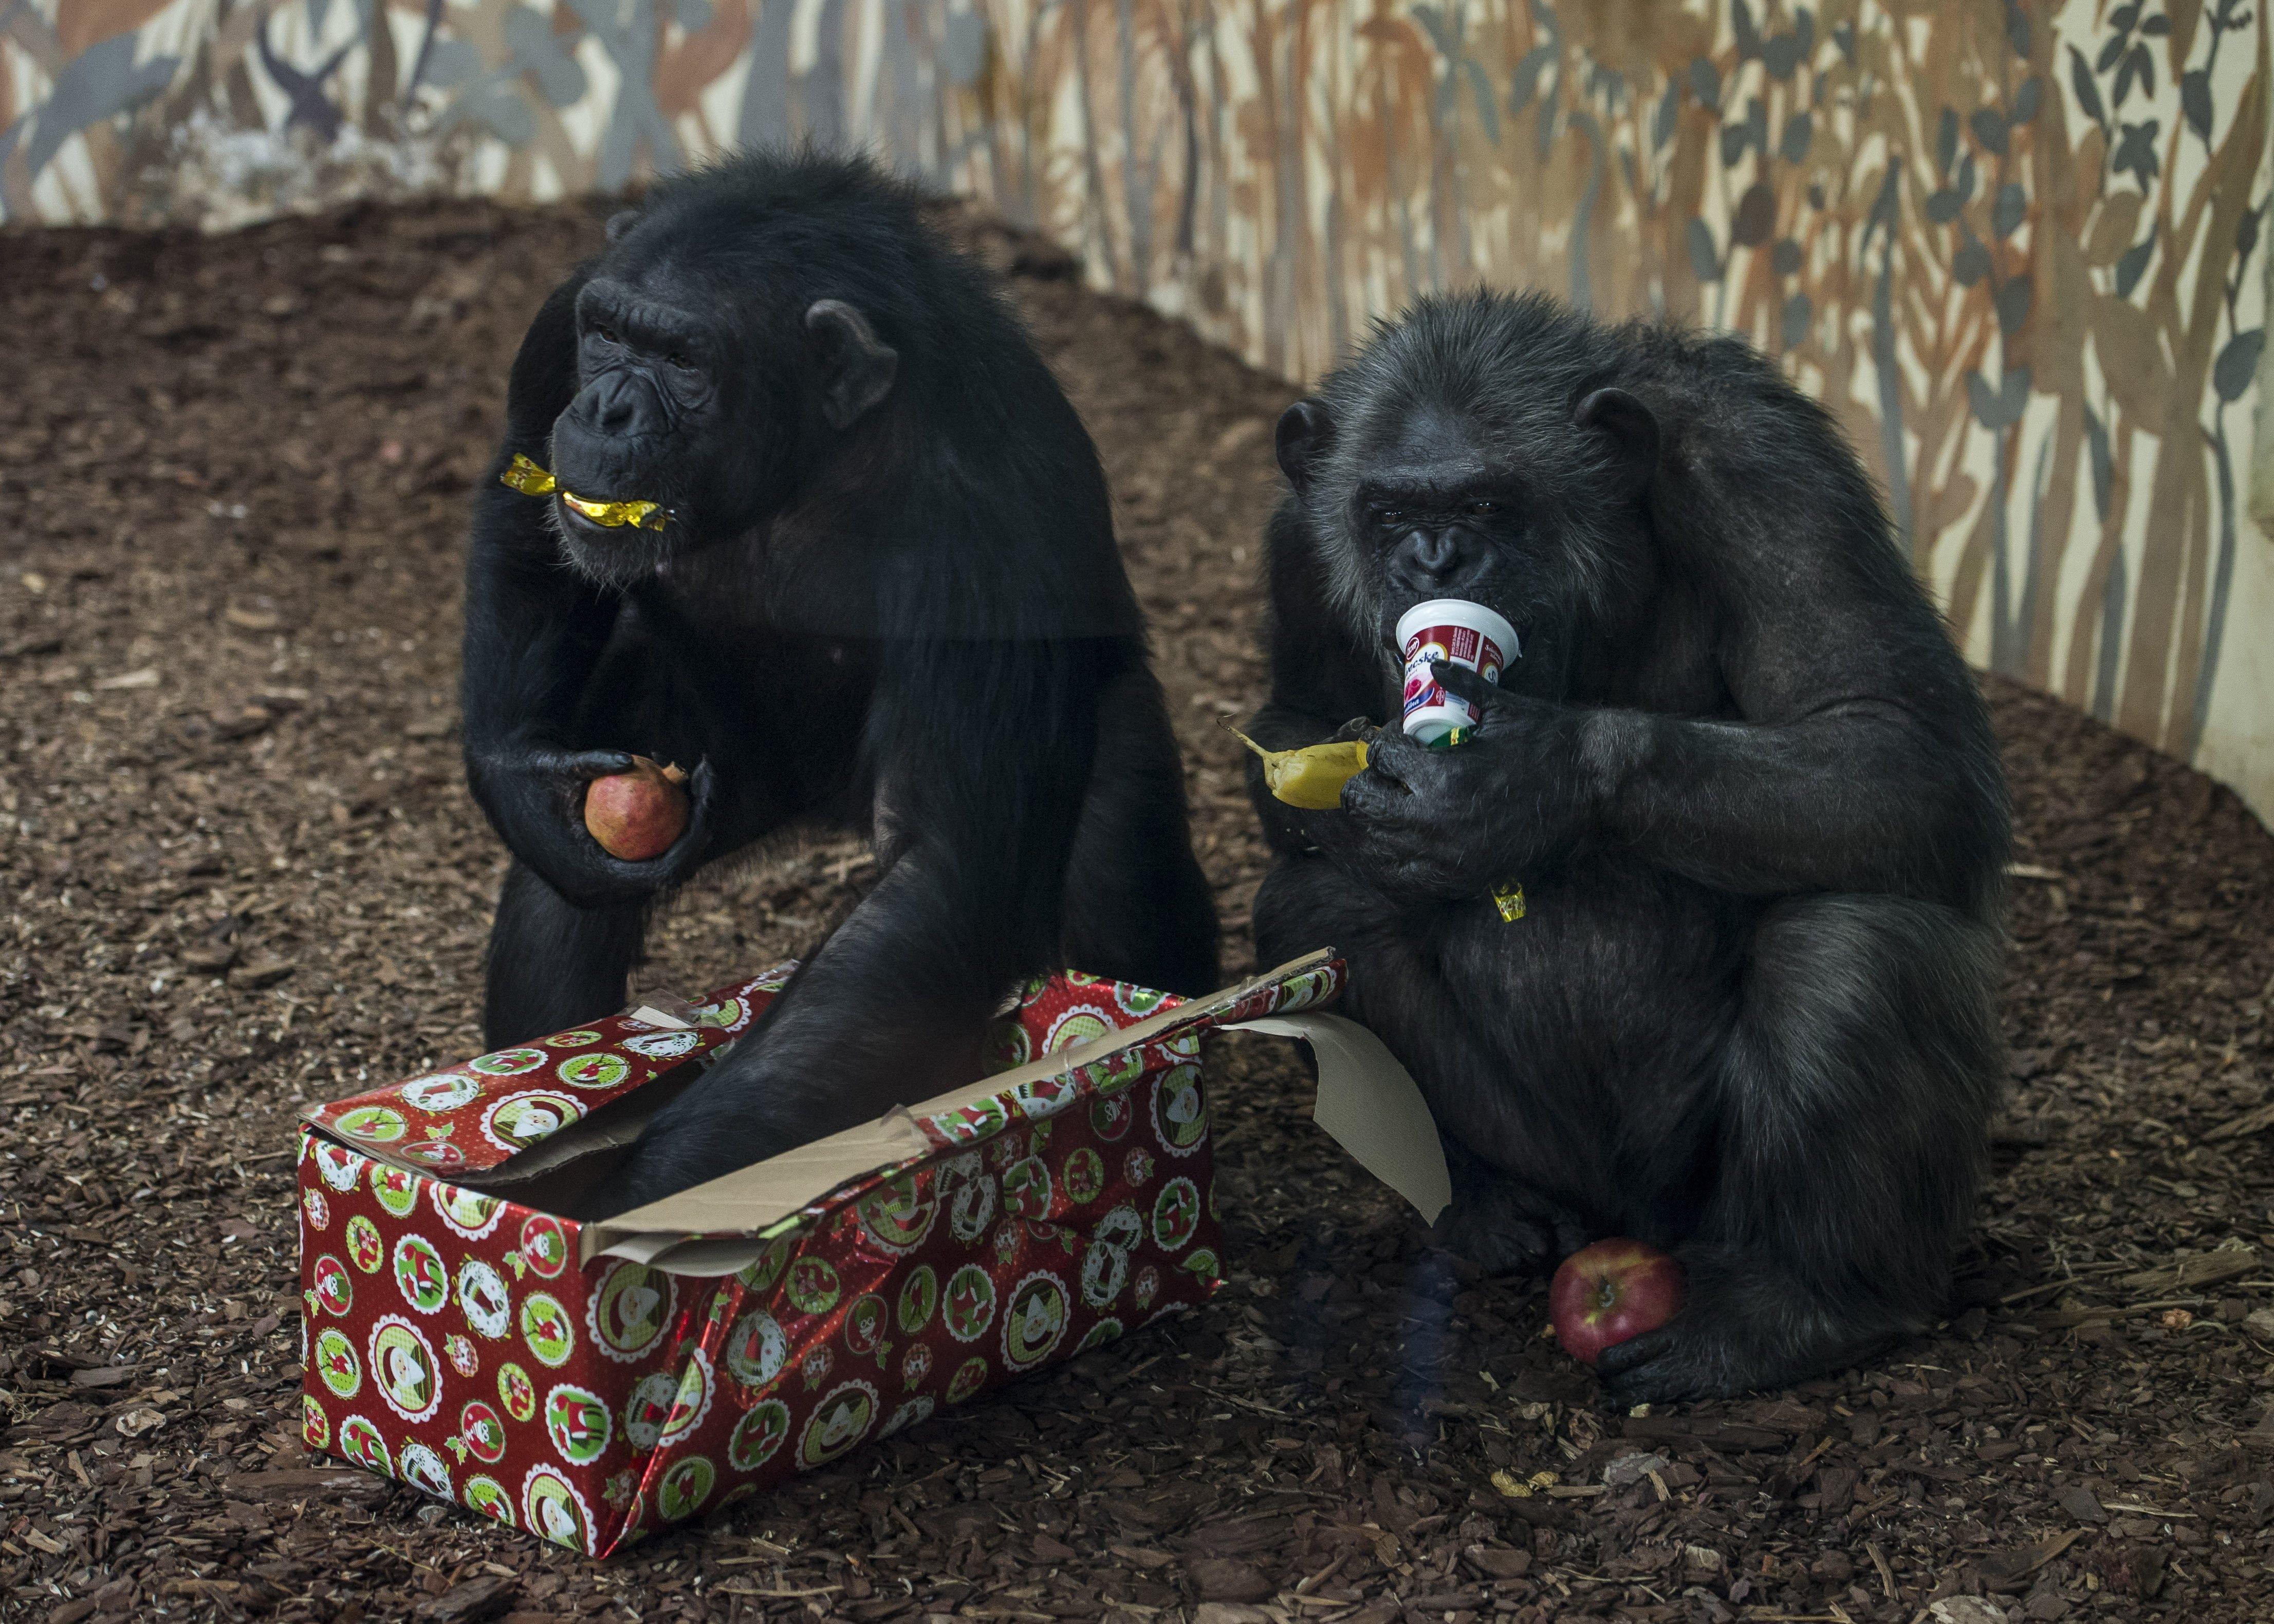 Agyonlőttek két agresszív csimpánzt a gondozóik egy hollandiai állatkertben